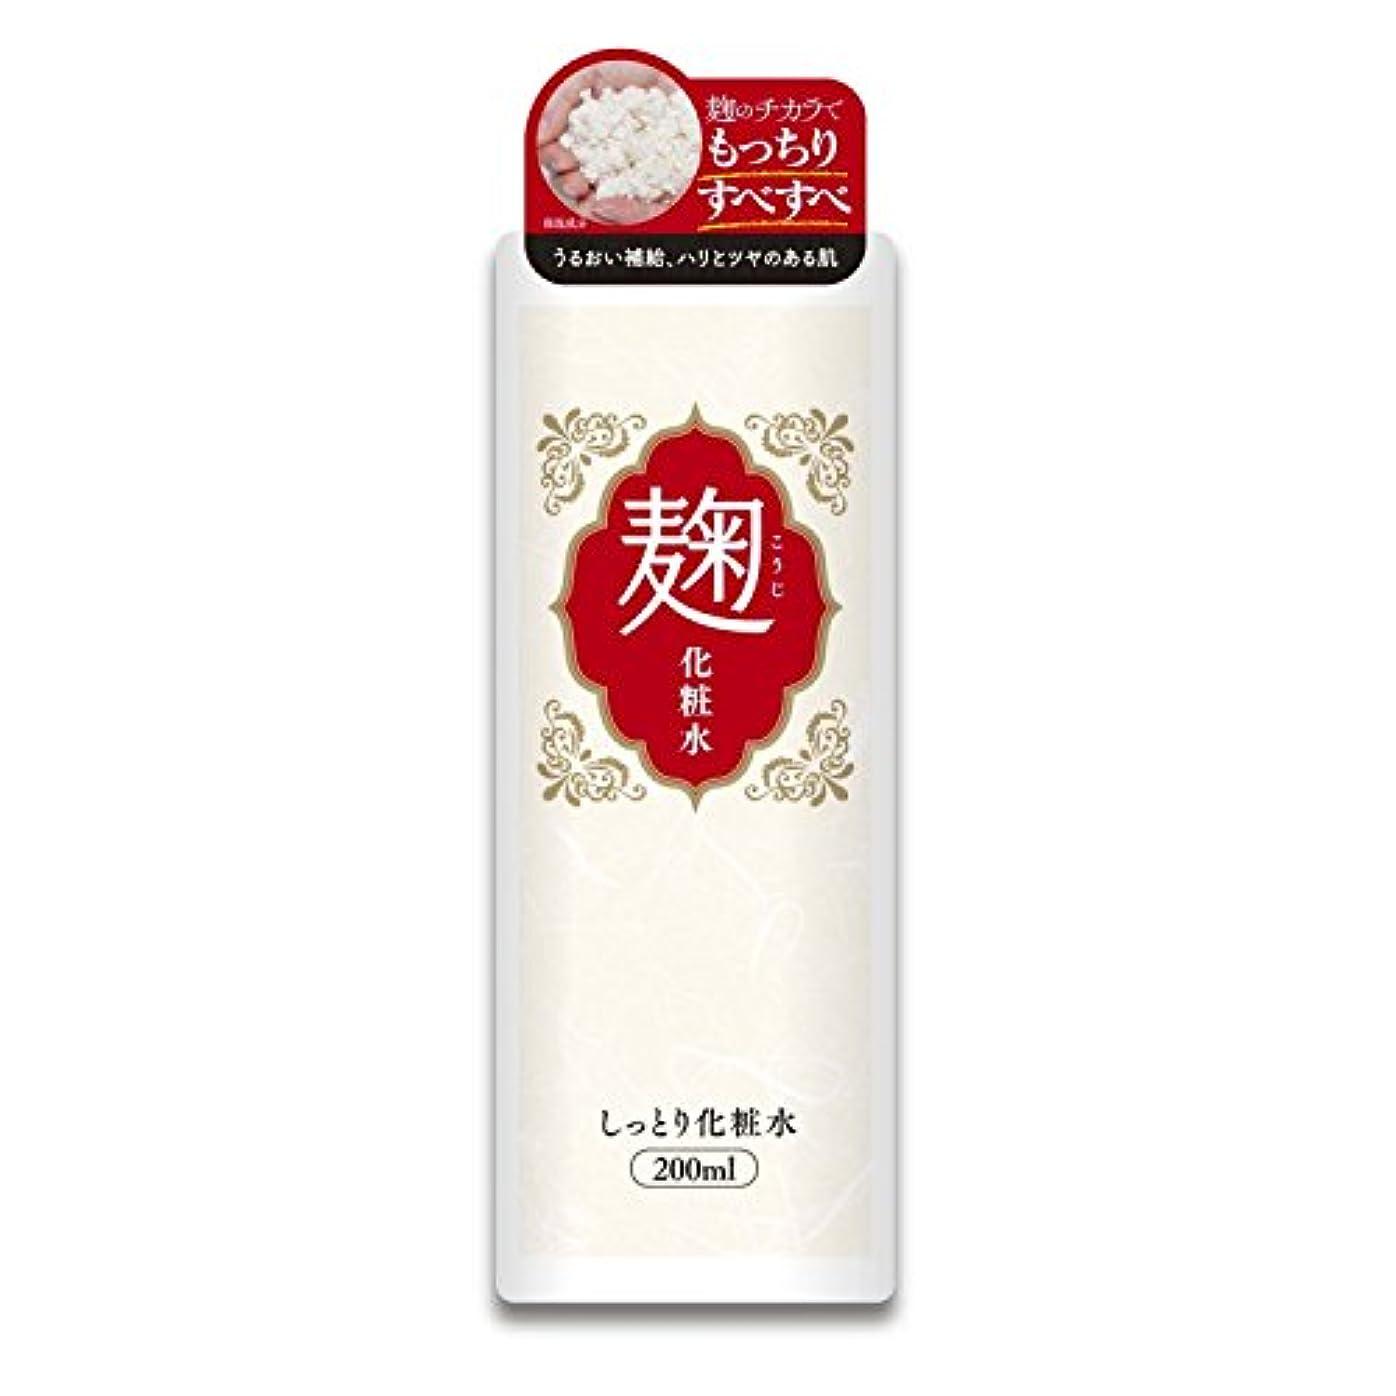 中傷パシフィック励起ユゼ 麹配合美肌しっとり化粧水 200mL